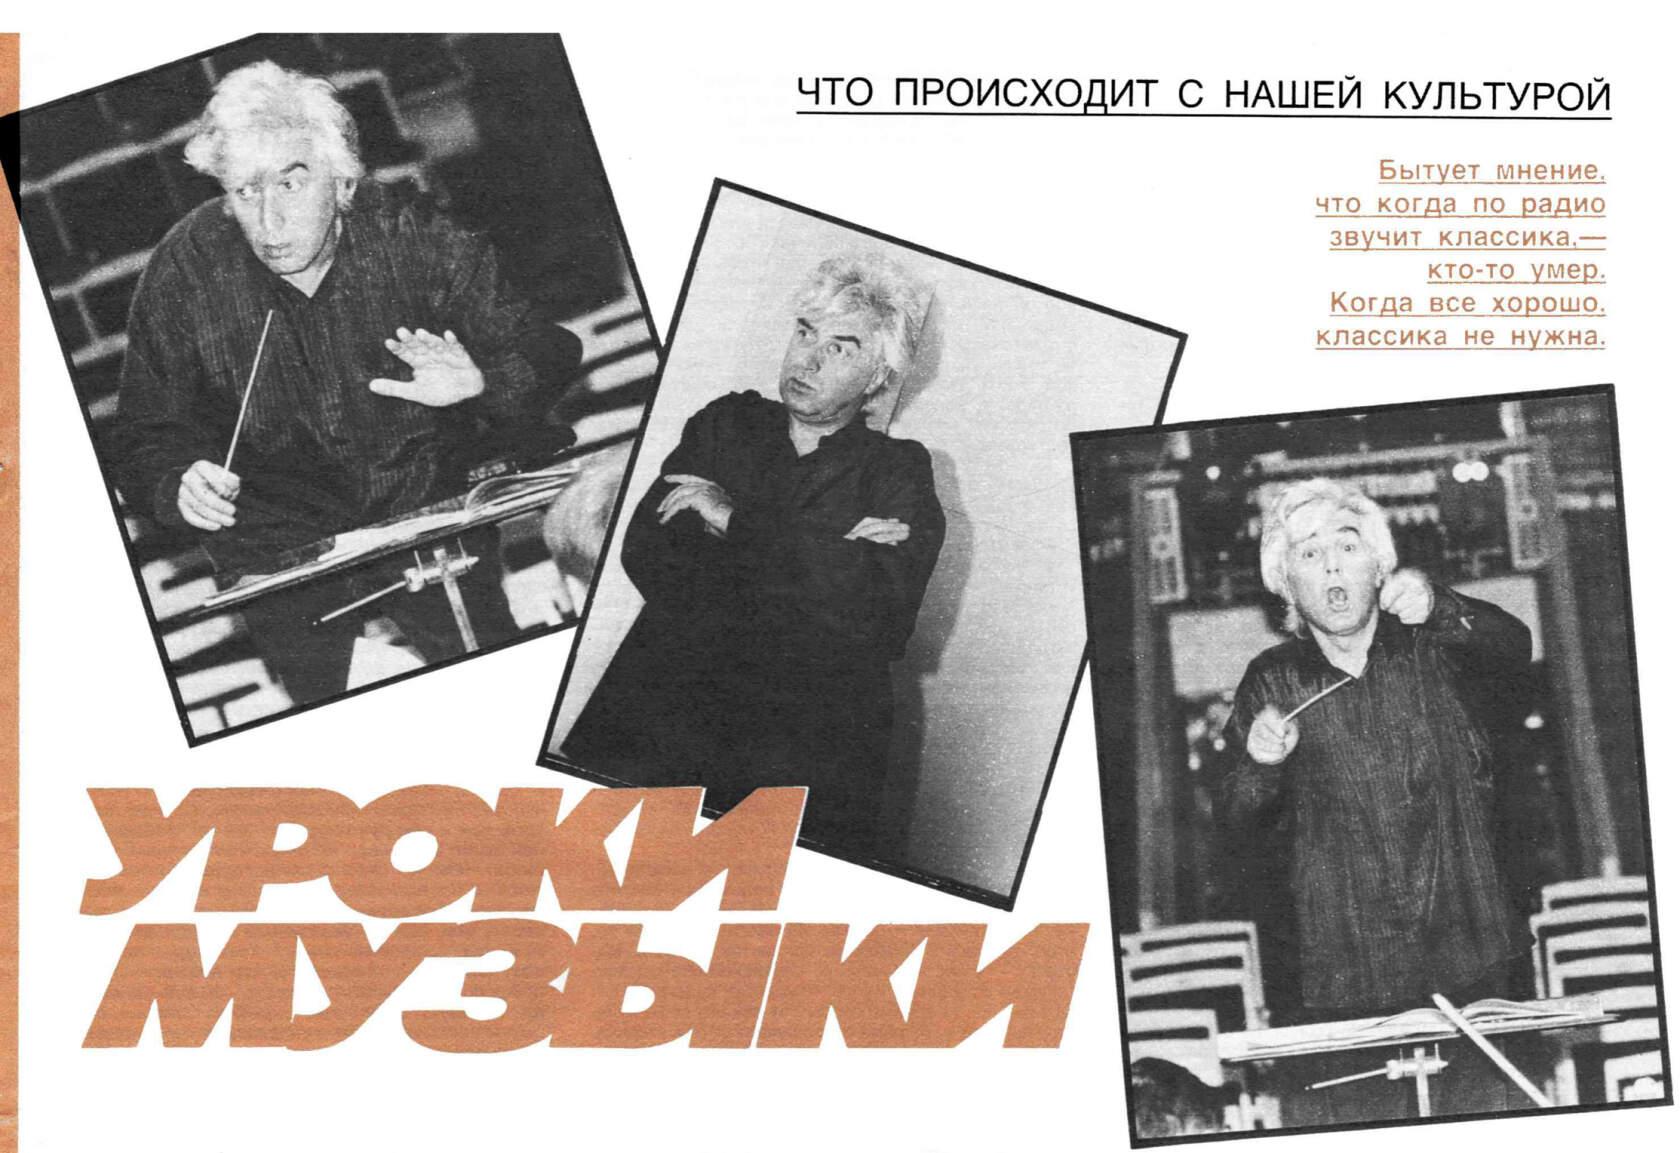 Kitaenko_Lessons_of_music_4.jpg